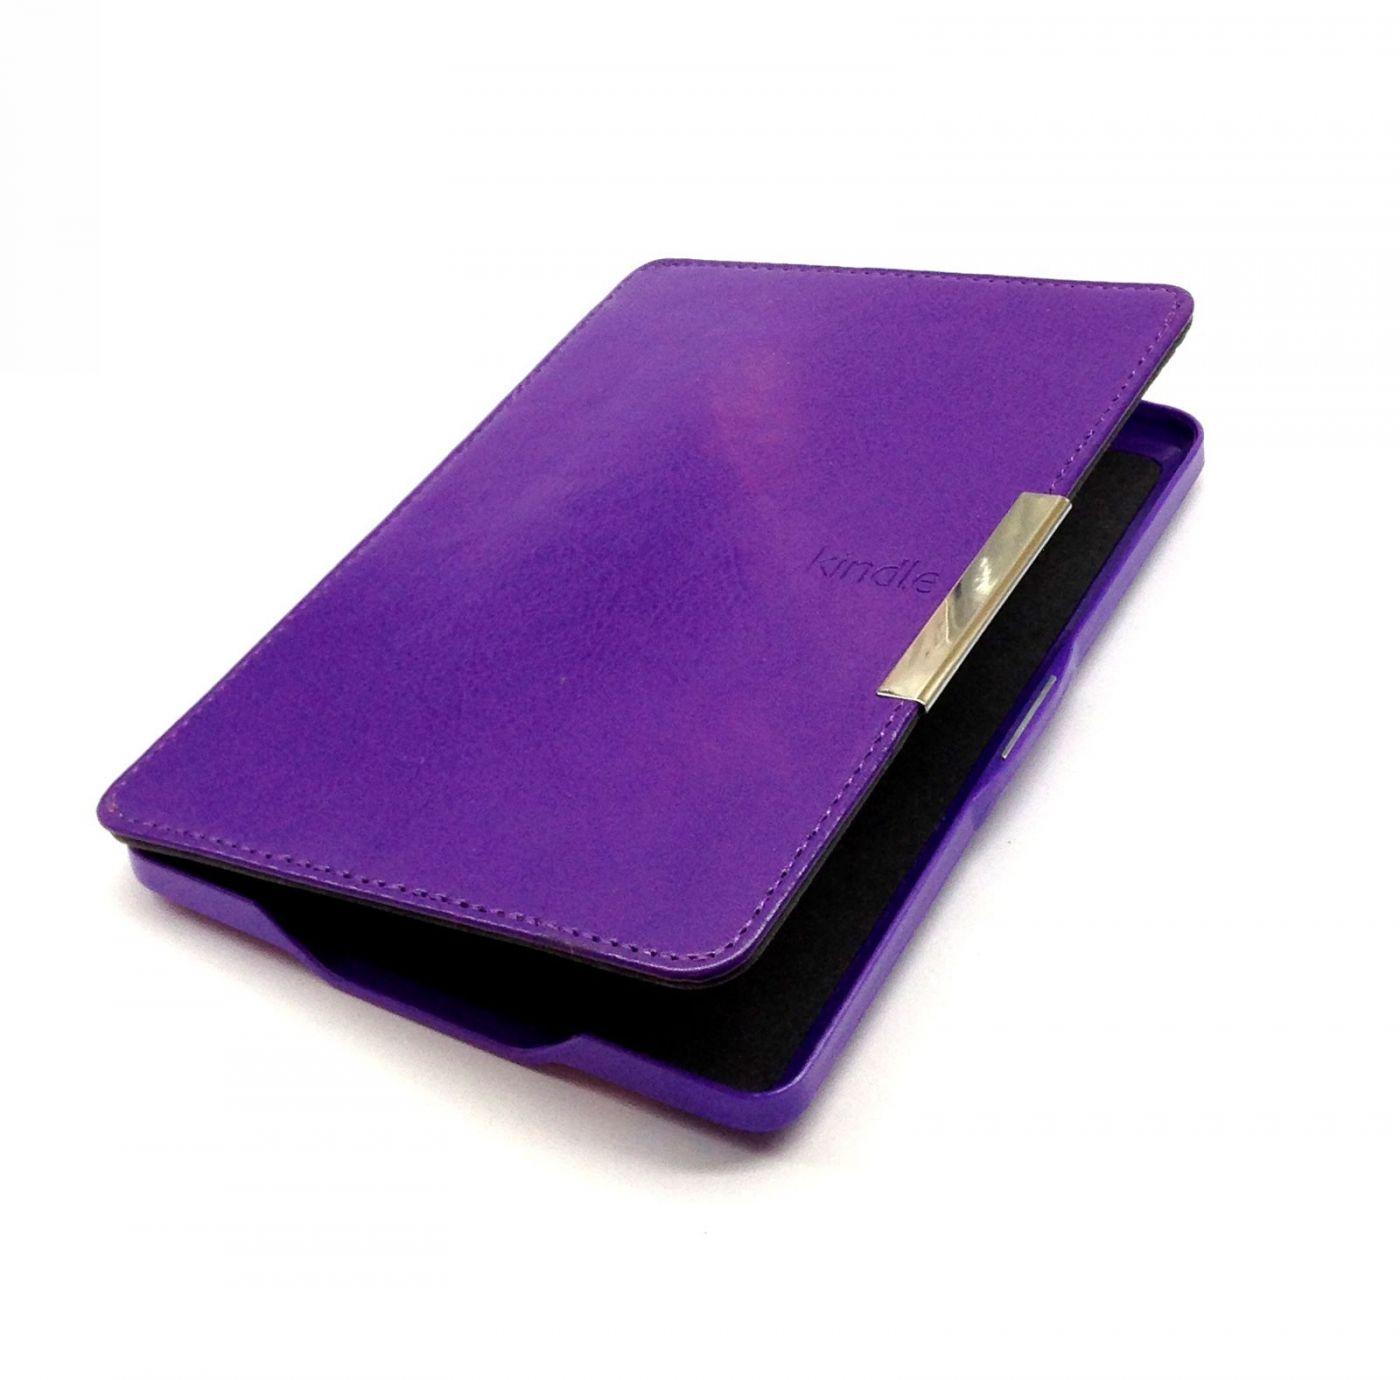 Обложка для Amazon Kindle Paperwhite (с магнитной застежкой)  Фиолетовая